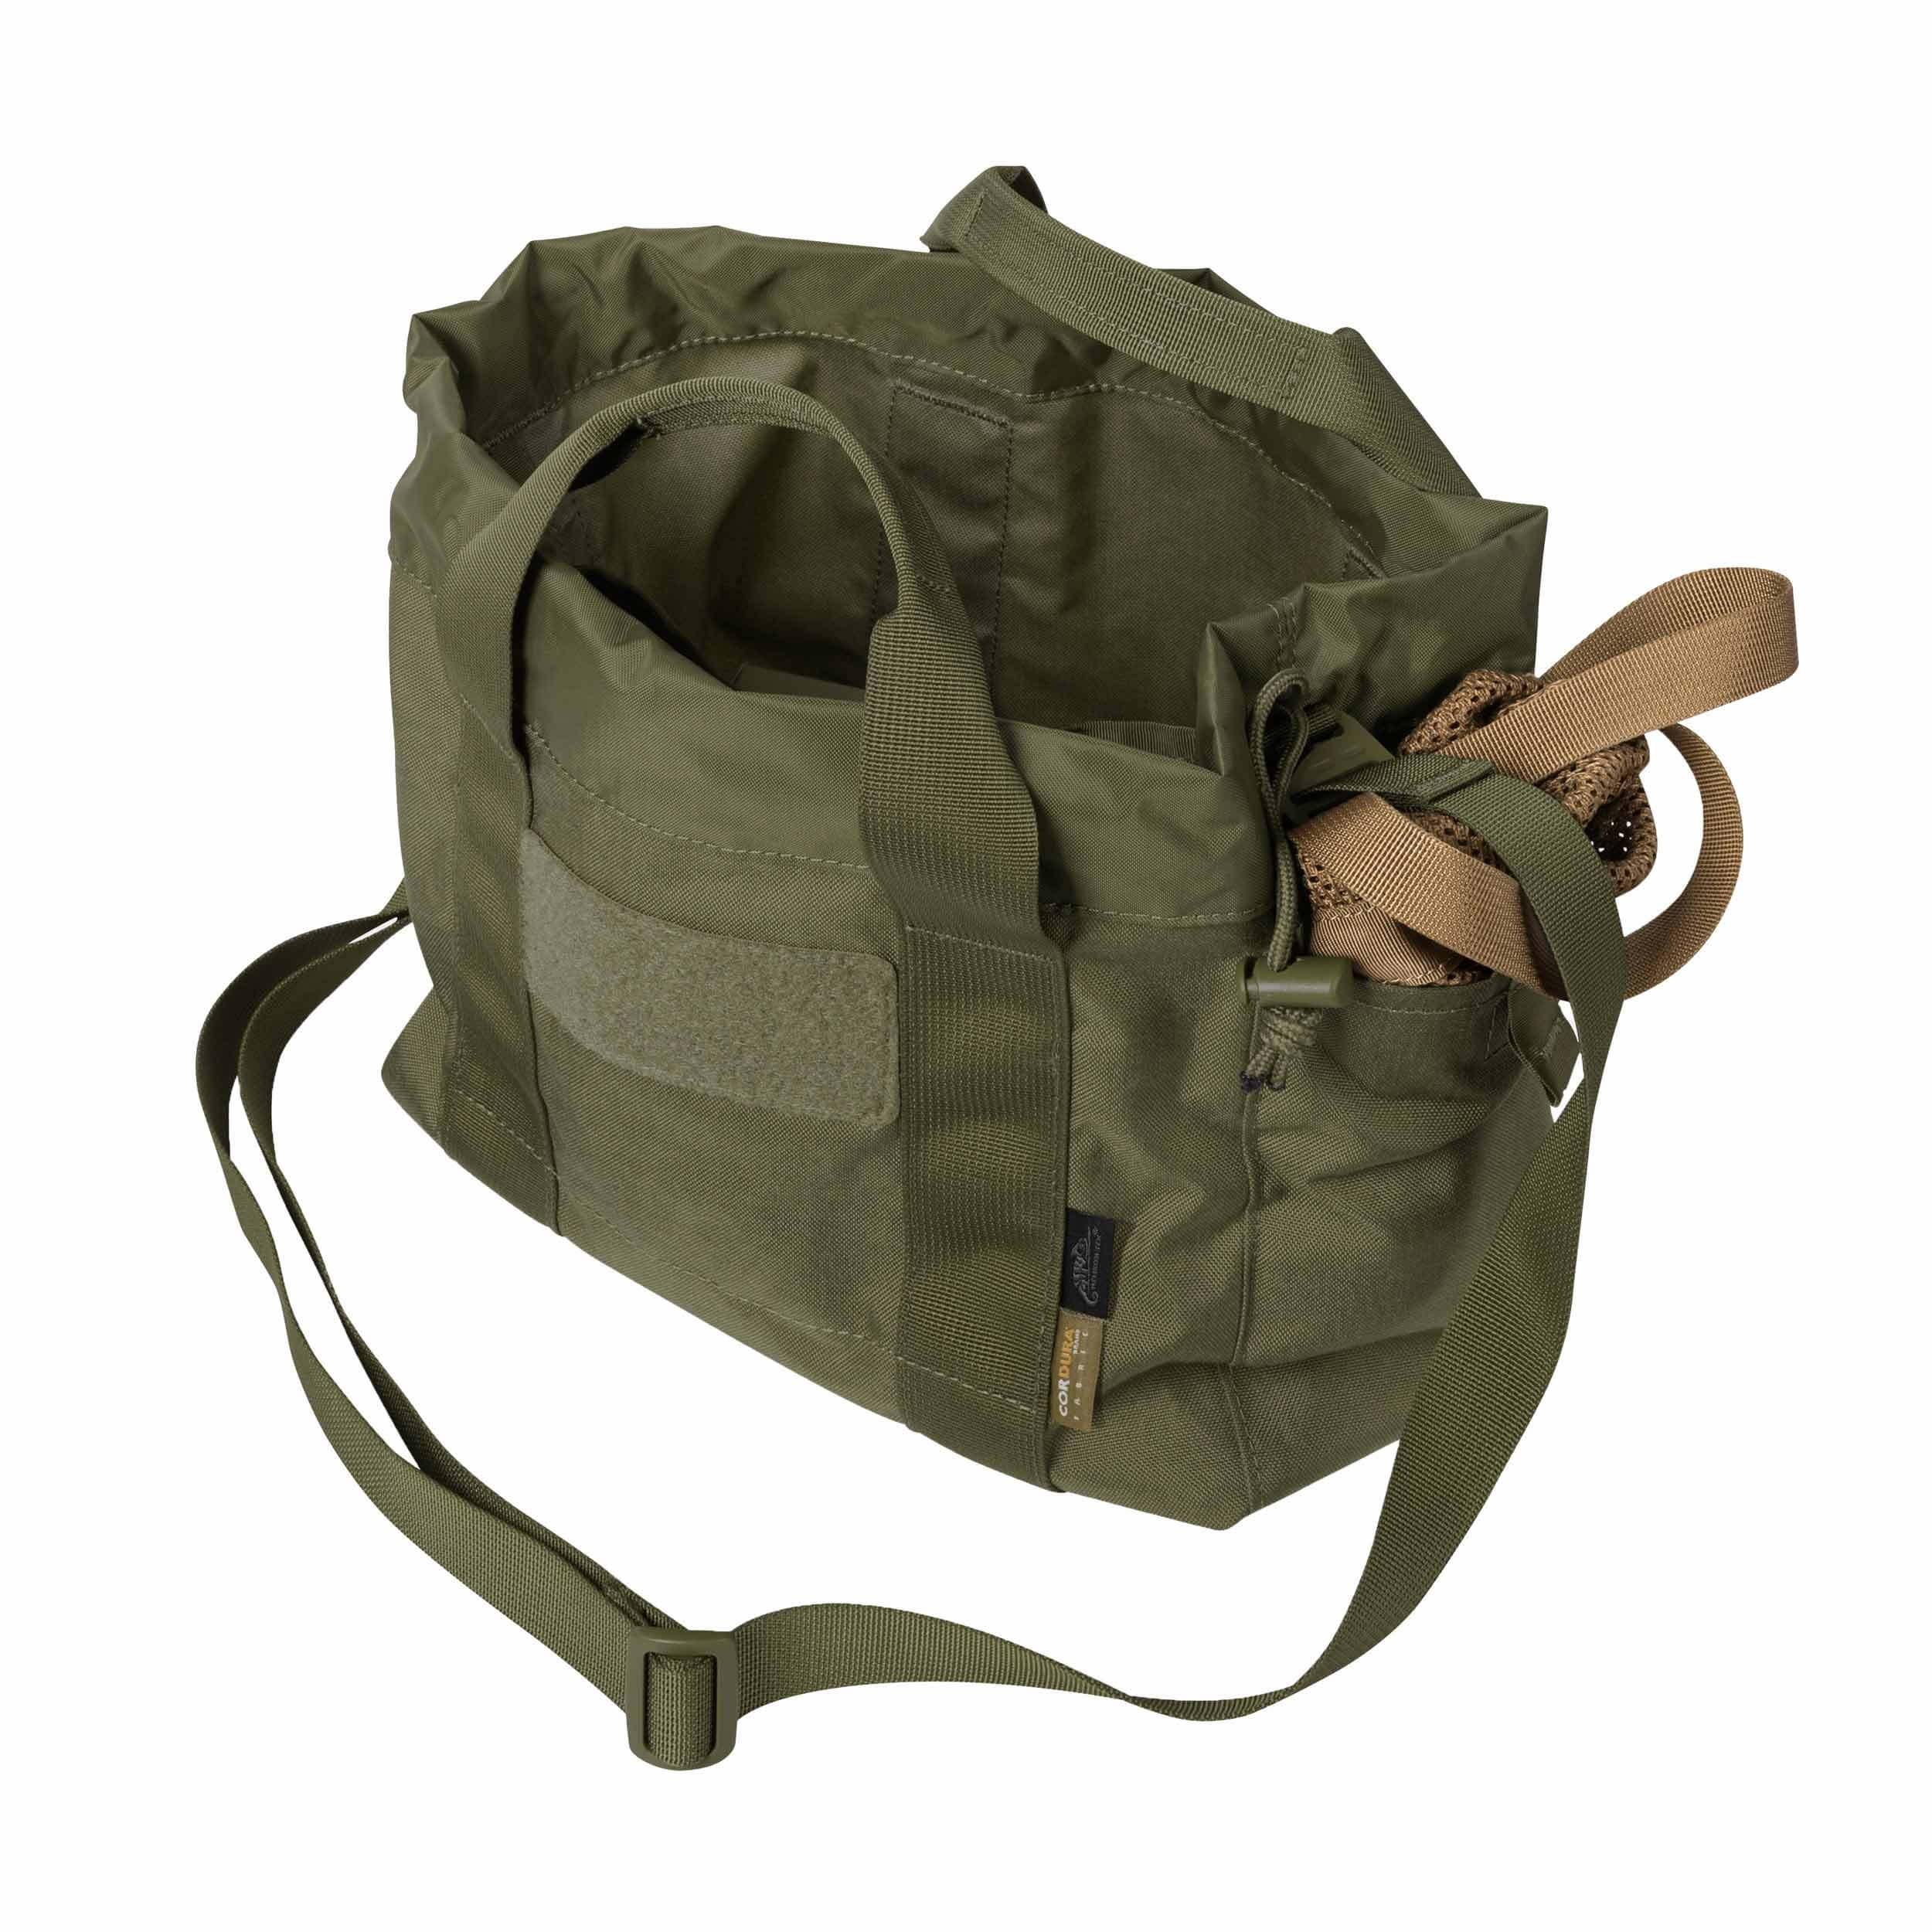 Helikon-Tex Ammo Bucket - Cordura - Olive Green